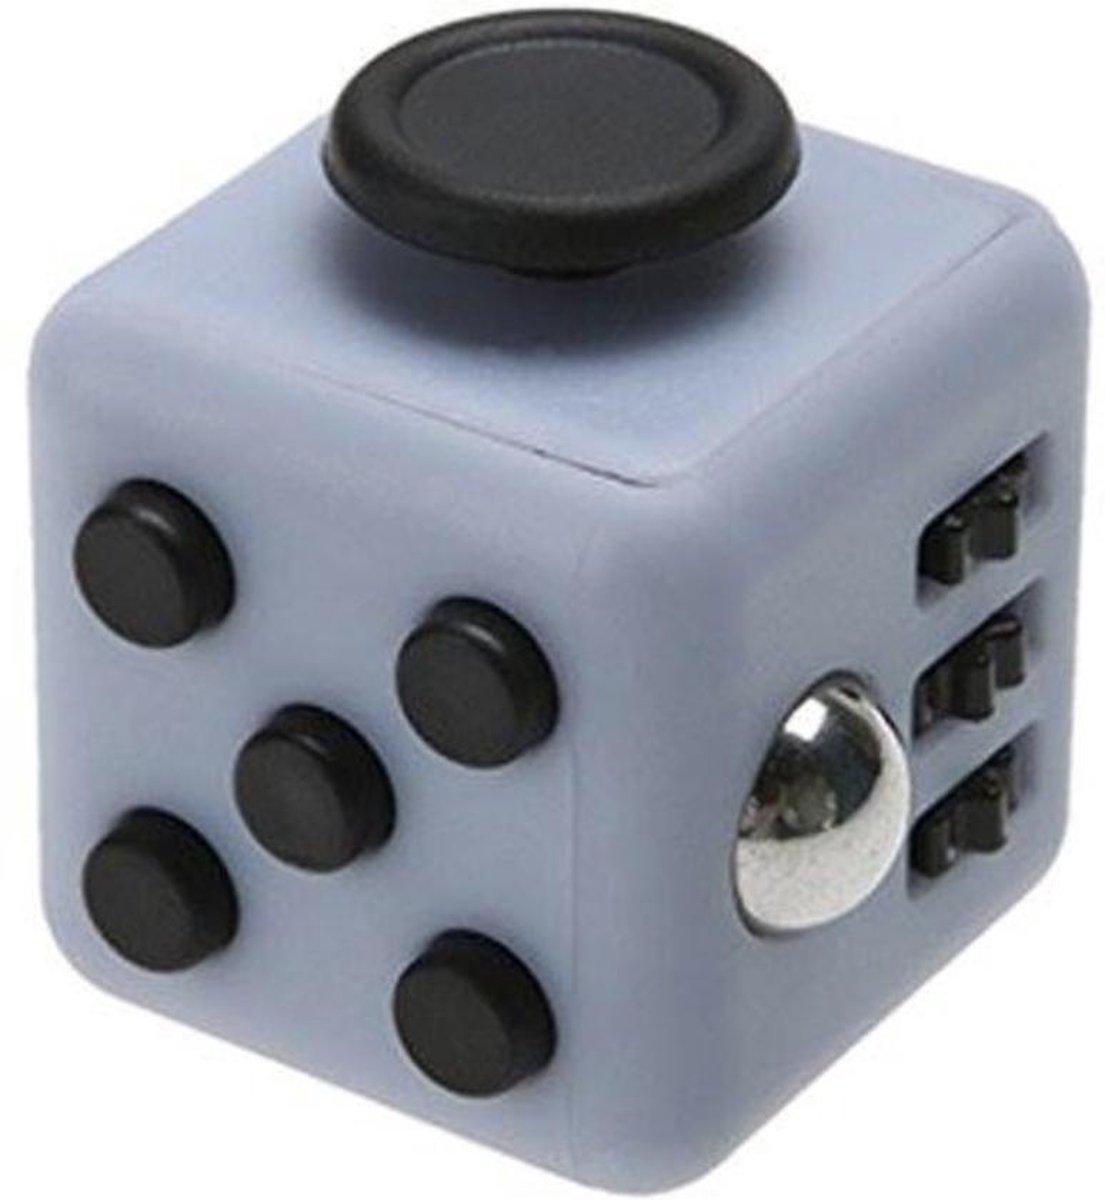 Fidget Cube - Stressbestendig - Helpt met het focussen. GRIJS/ZWART